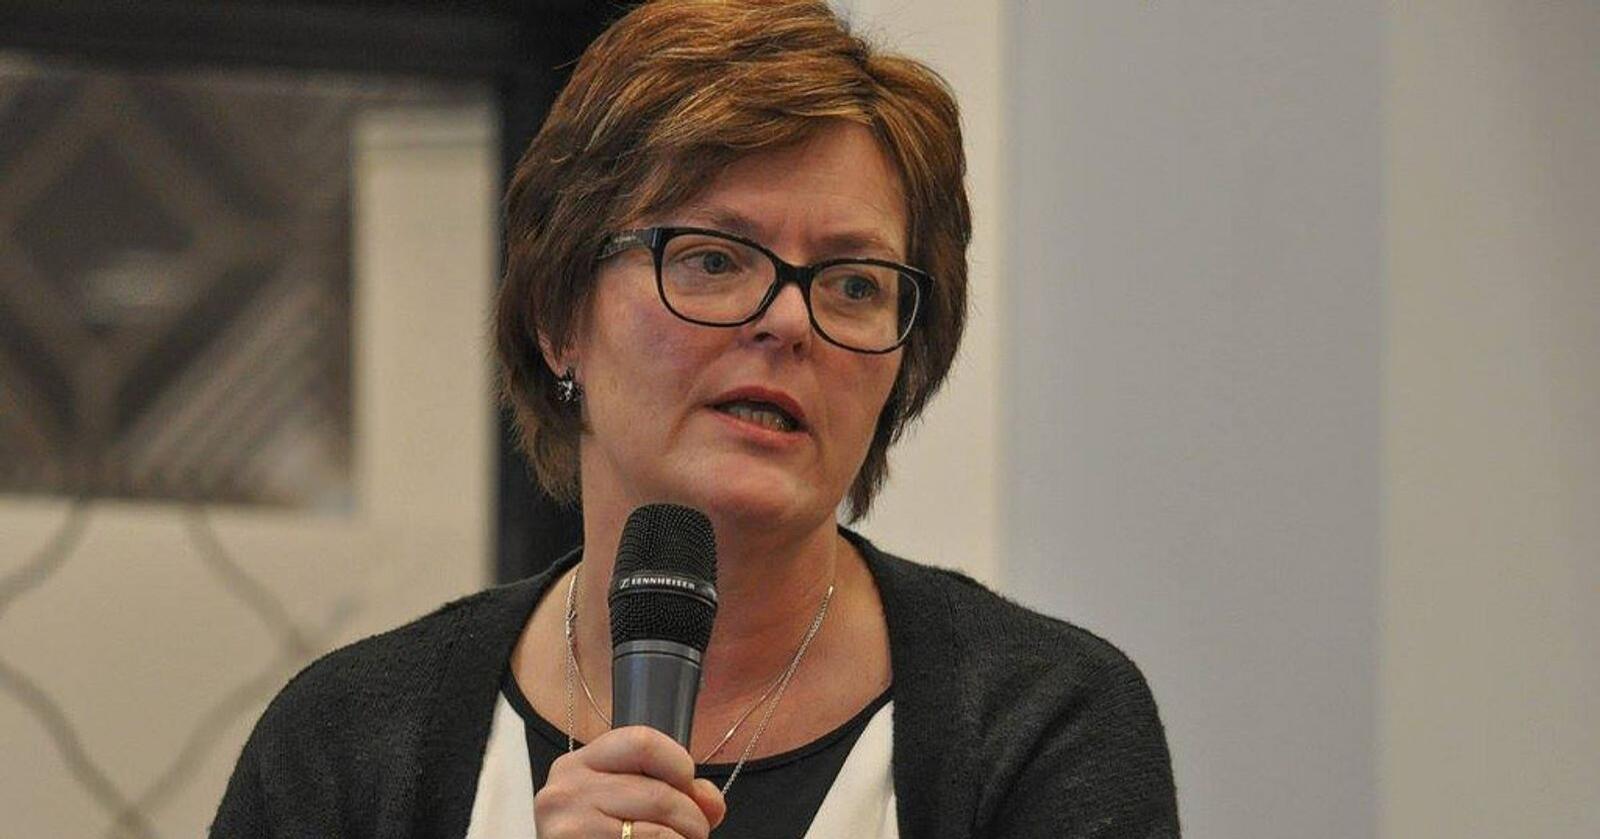 Heidi Greni er stortingsrepresentant for Senterpartiet. (Foto: Stortinget)